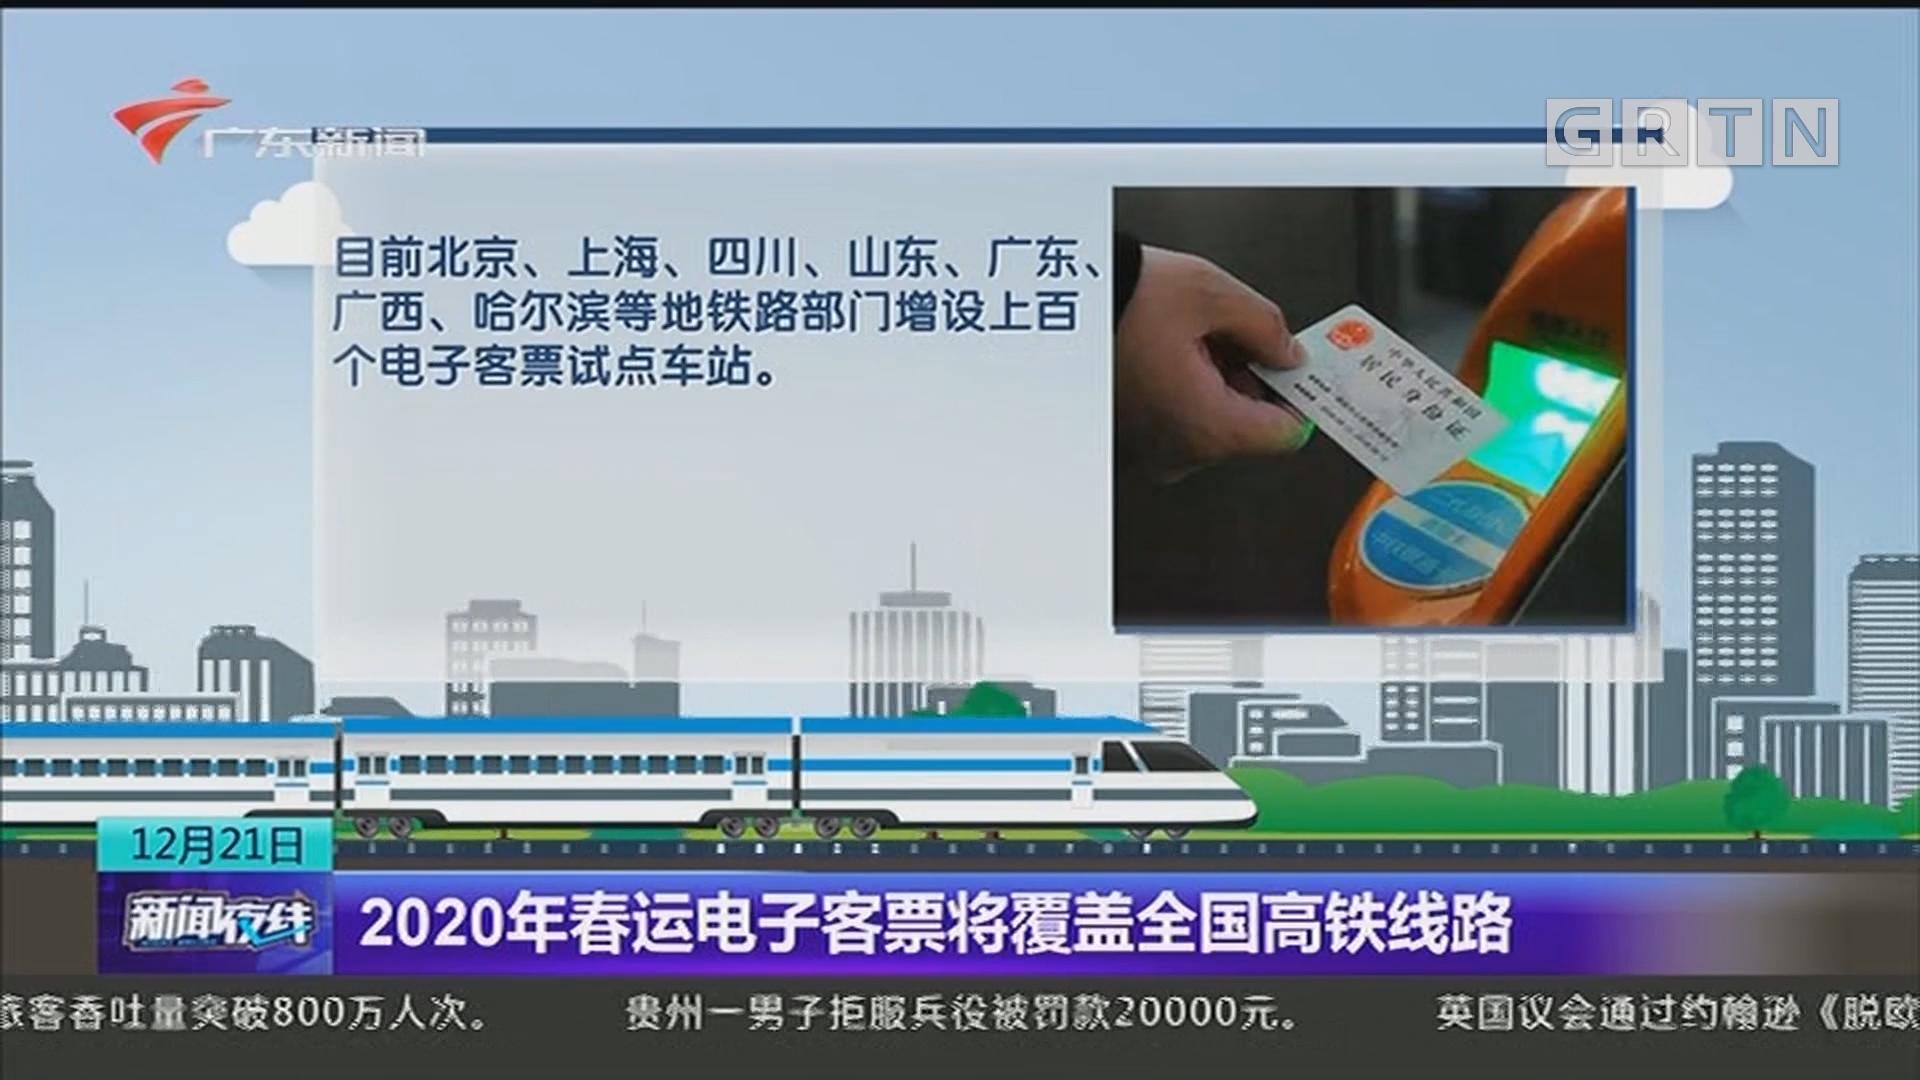 2020年春运电子客票将覆盖全国高铁线路